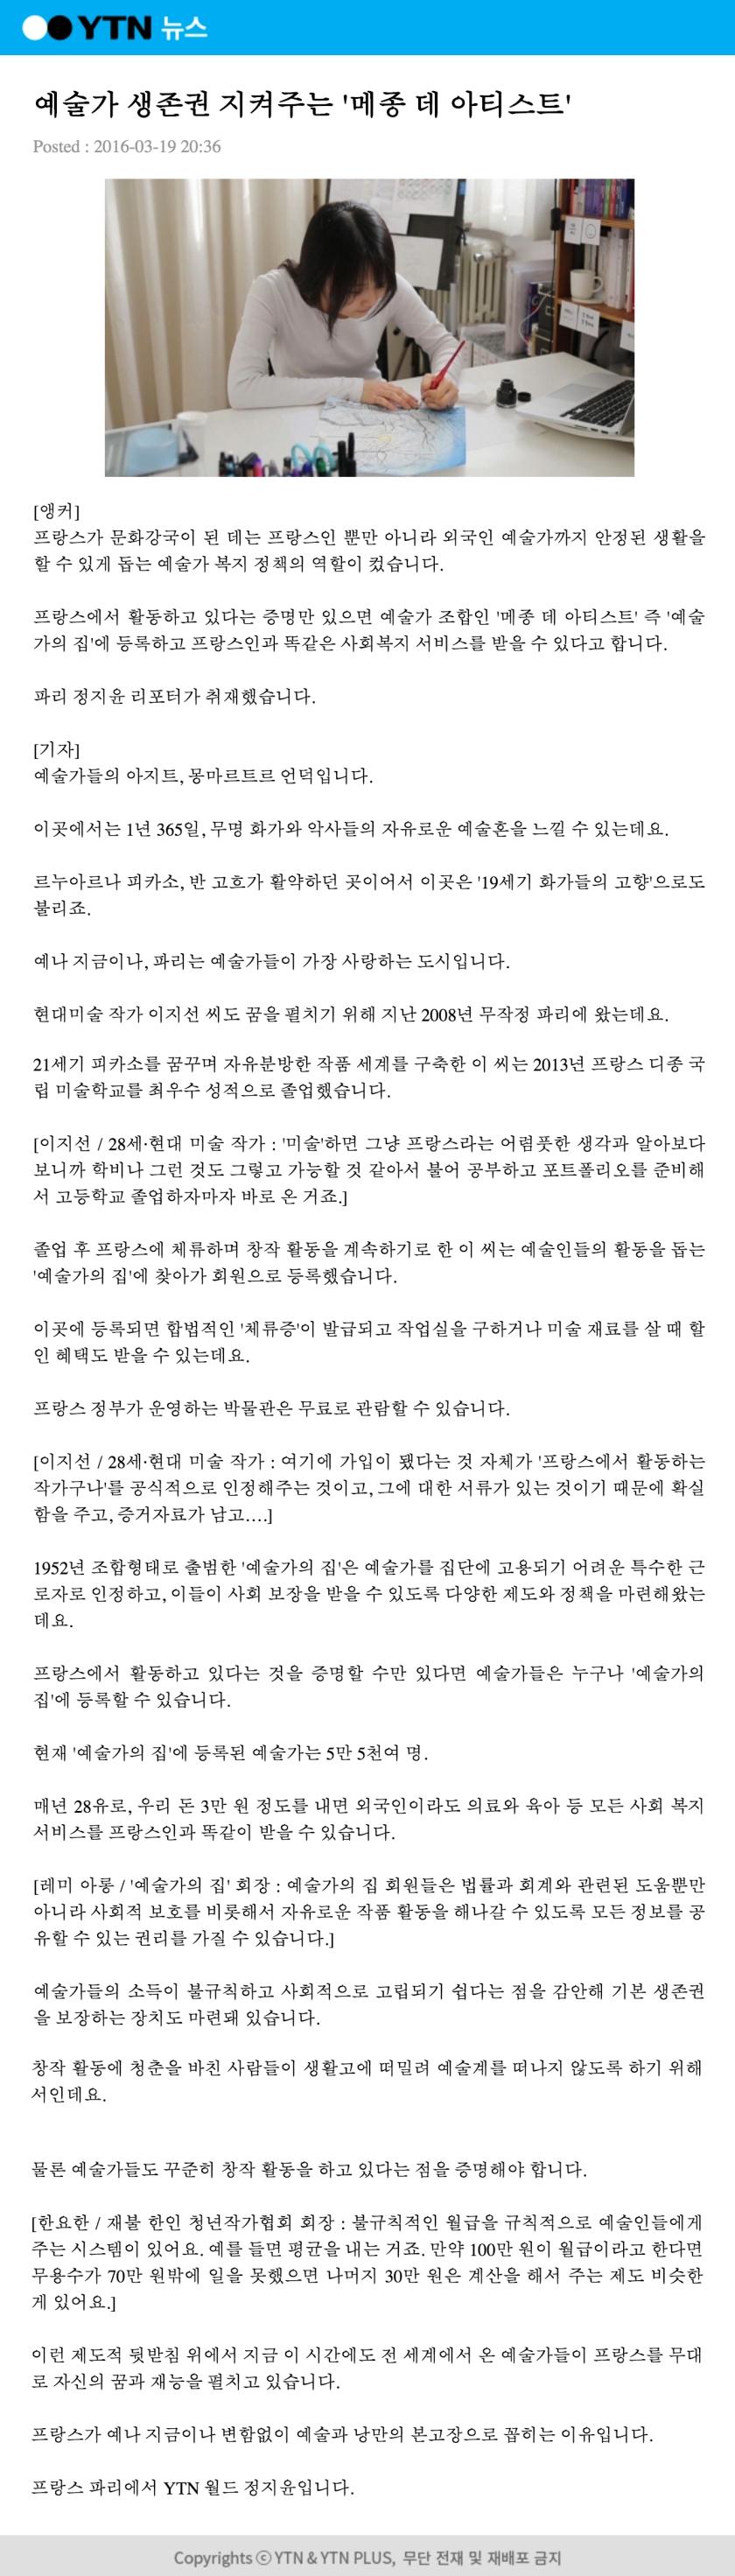 YTN Global Korean